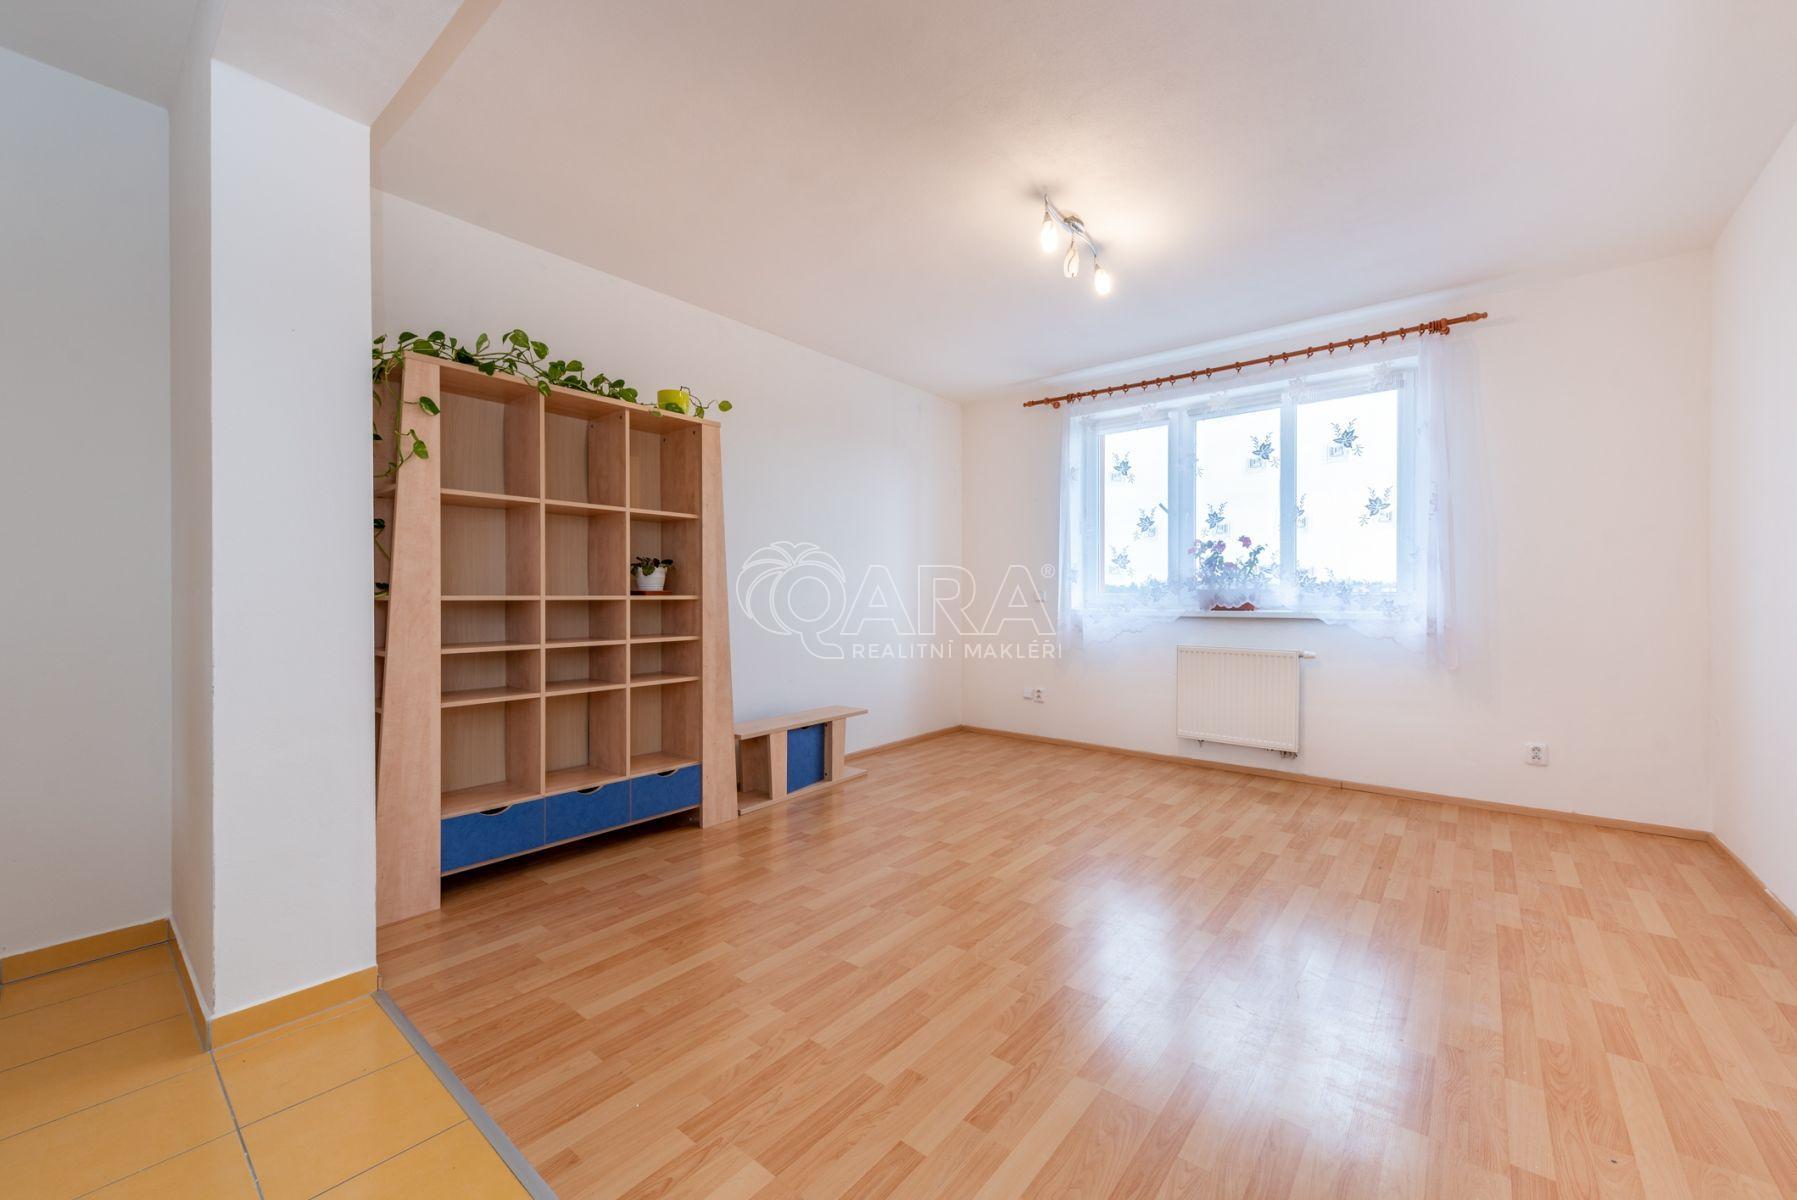 Pronájem, byt 2+kk, 59 m2, ul. U Párníků, Praha 9 - Čakovice